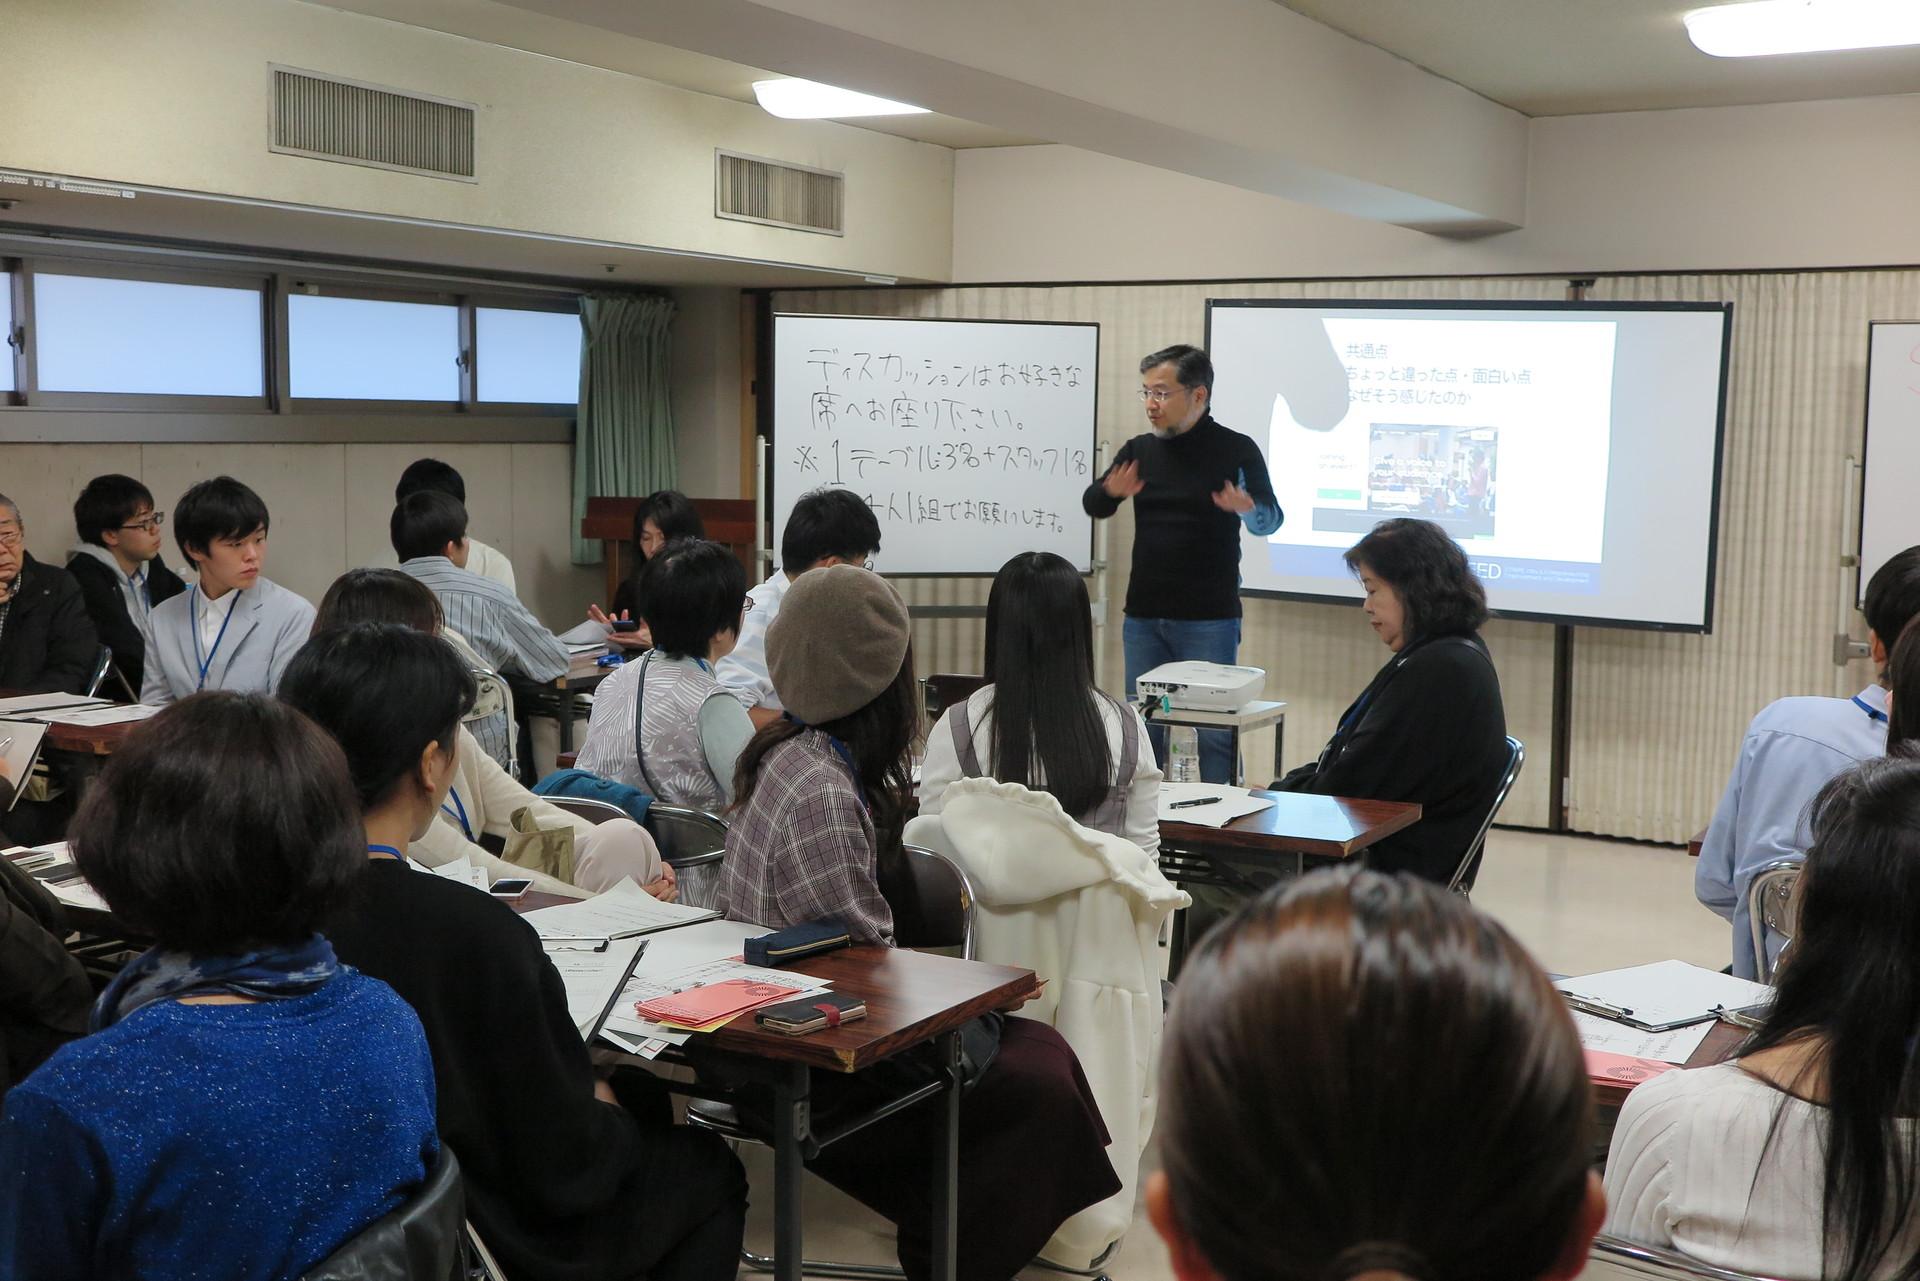 岡山大学SiEED公開講座「アートから学ぶ新たな視点と思考」を開催しました